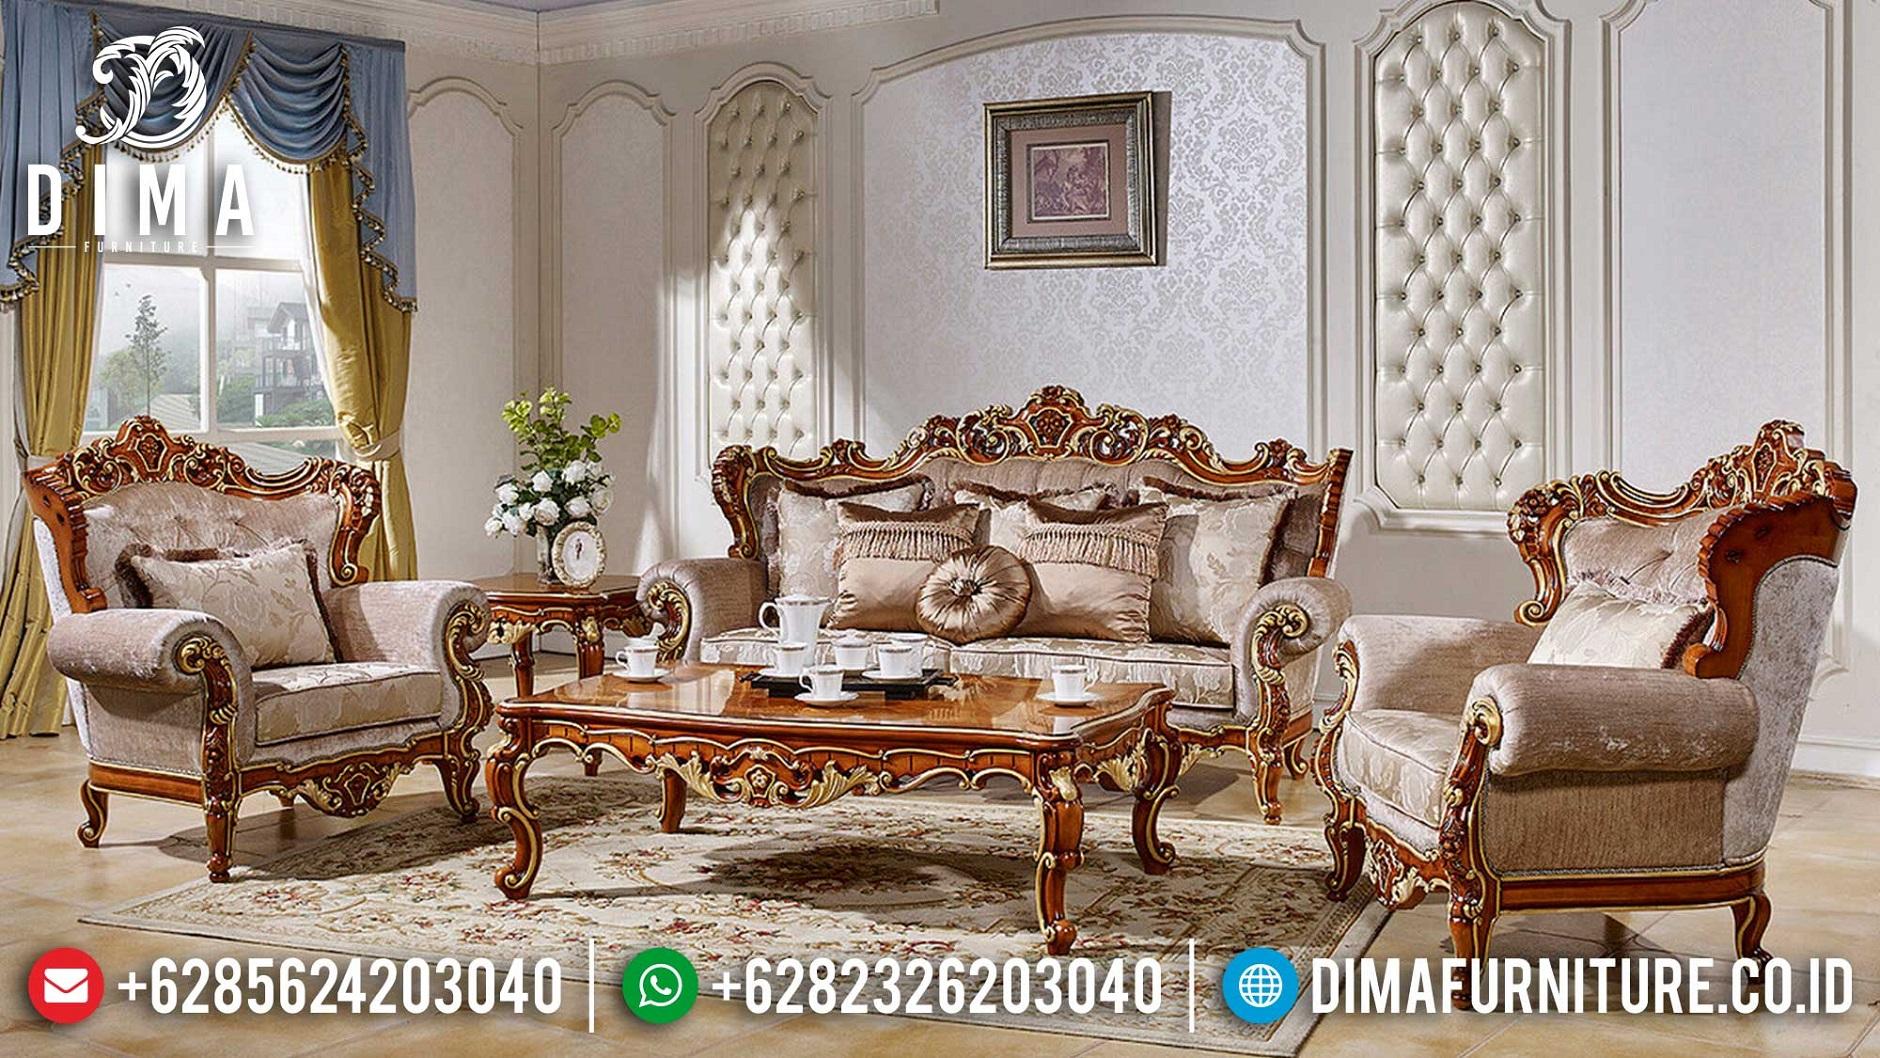 New Sofa Tamu Mewah Jati Natural Classic Luxury Carving BT-1014